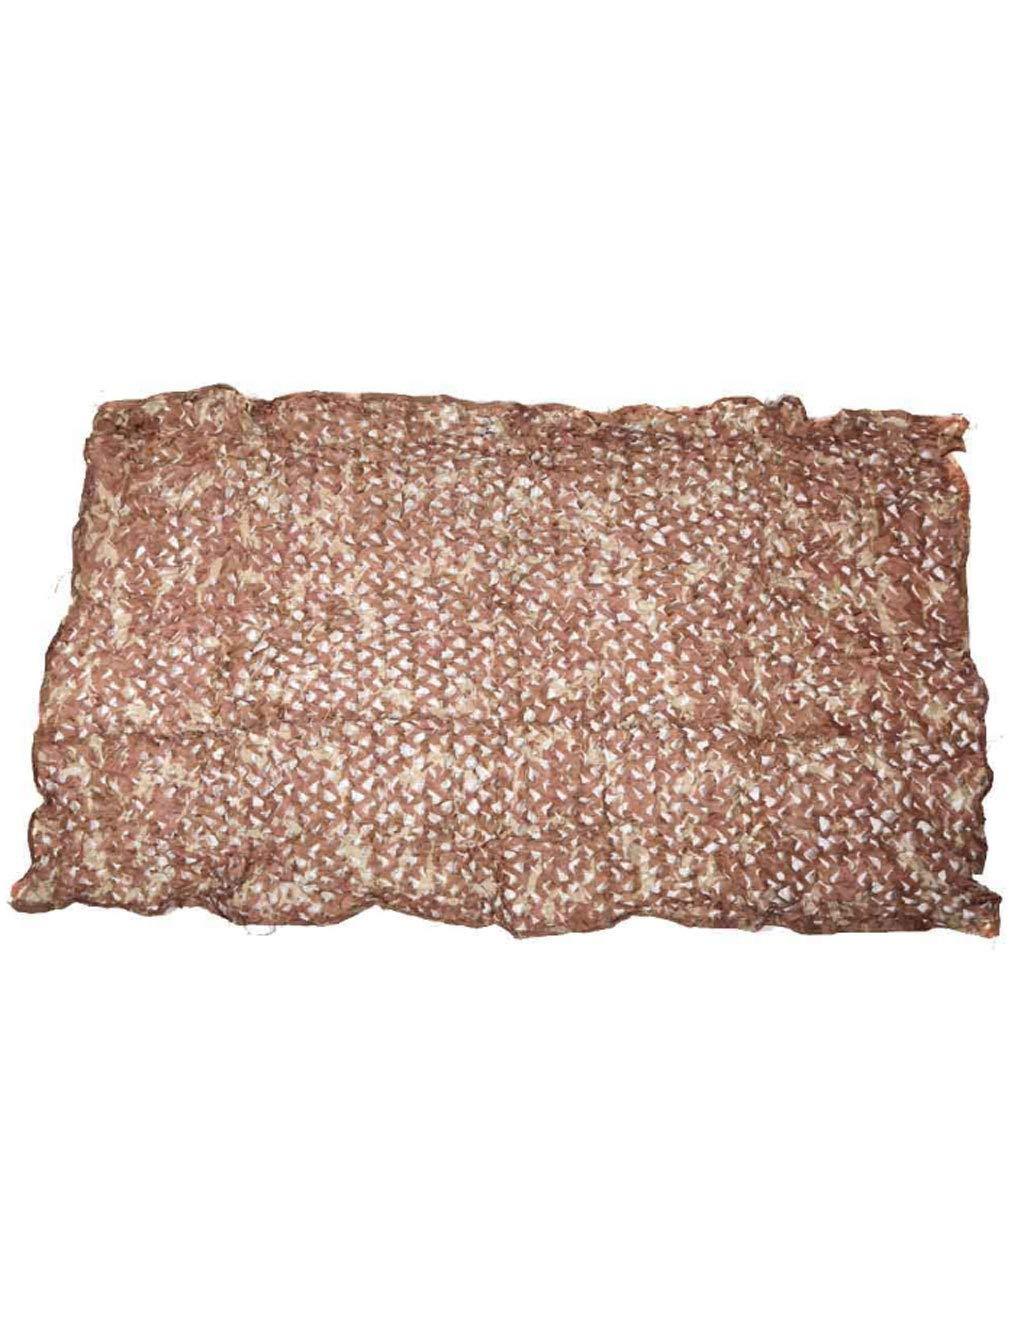 4 × 5M  Qifengshop La Couverture de Camouflage de Tissu d'Oxford de Filet de Camouflage Net est appropriée à la Chasse campant l'armée tibétaine tirant au Camping cachée, Une variété de Tailles Disponibles